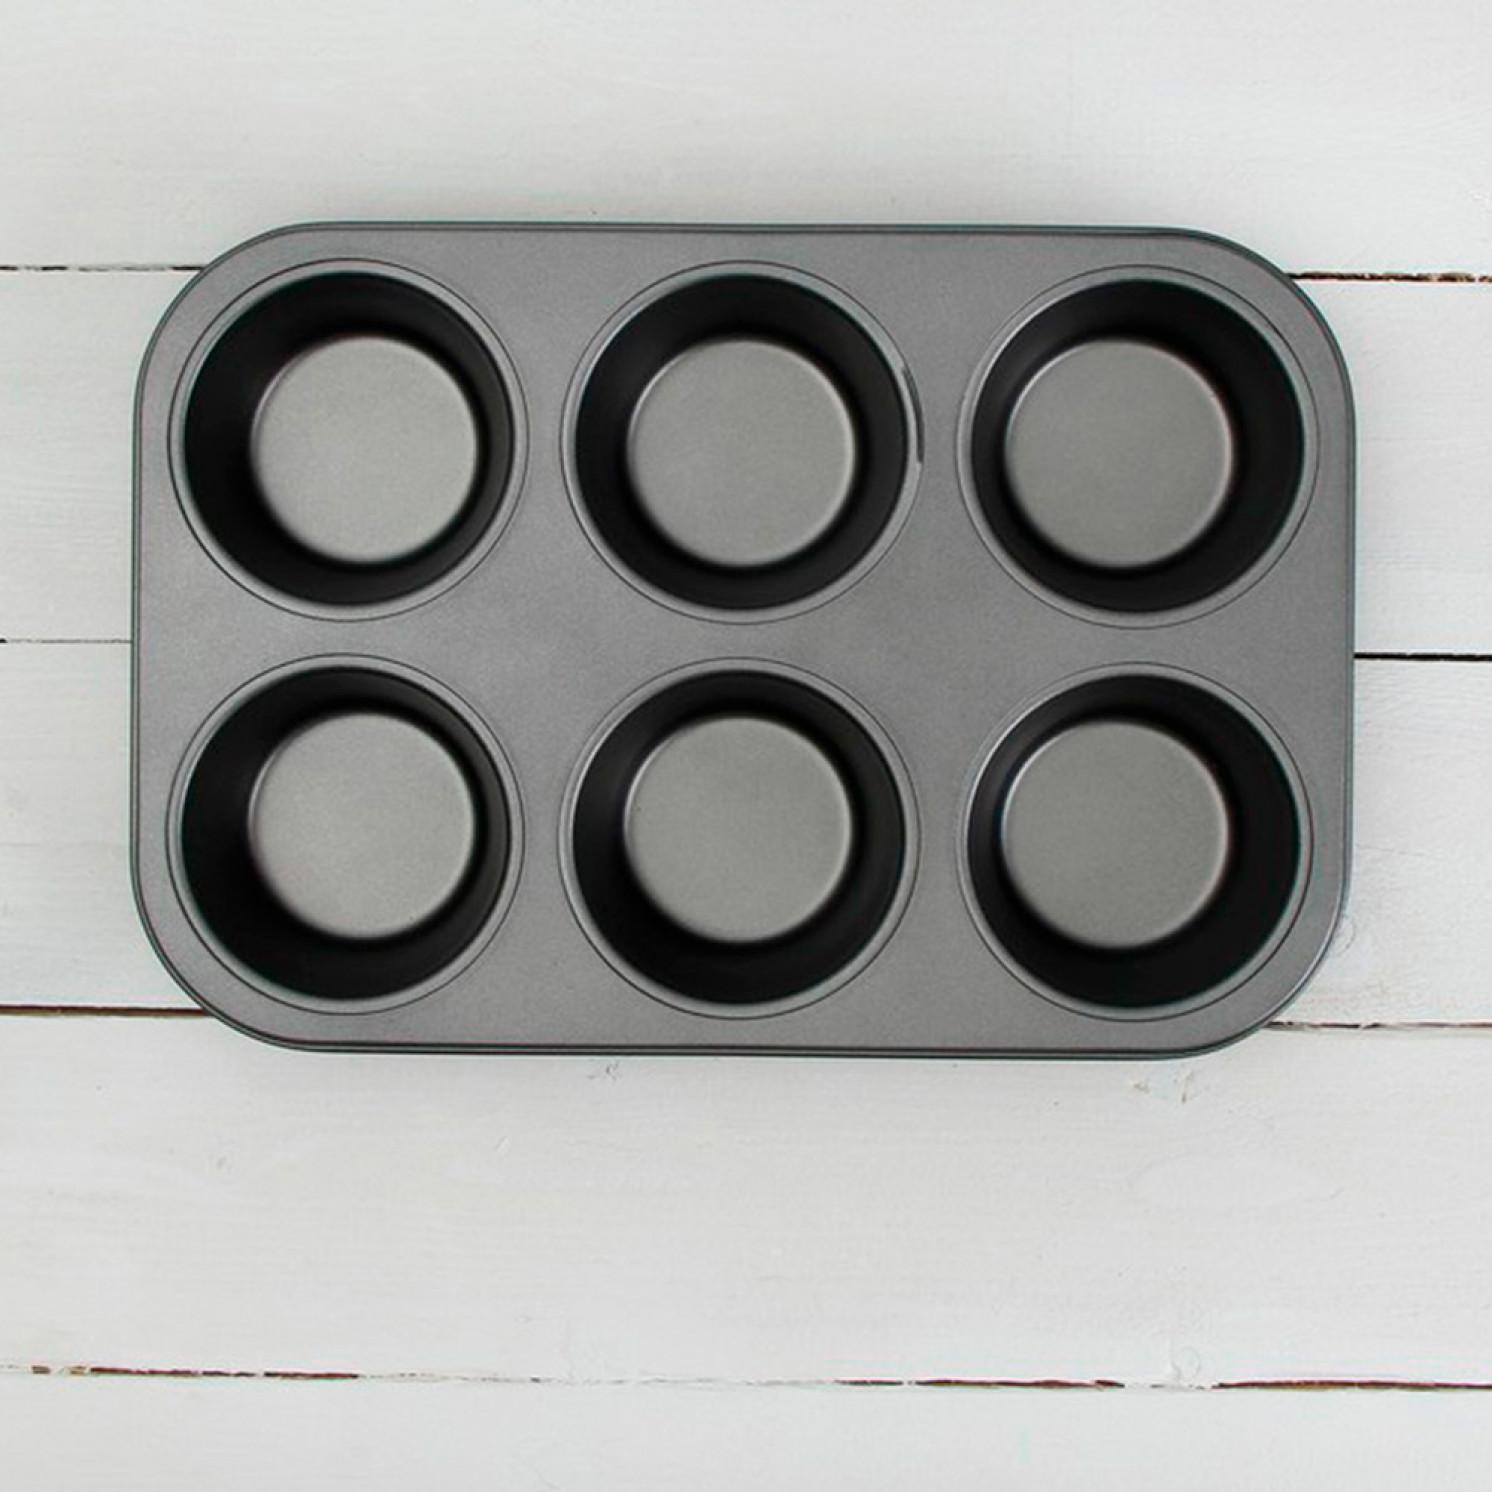 Форма для выпечки «Жаклин. Круг», 6 ячеек, с антипригарным покрытием